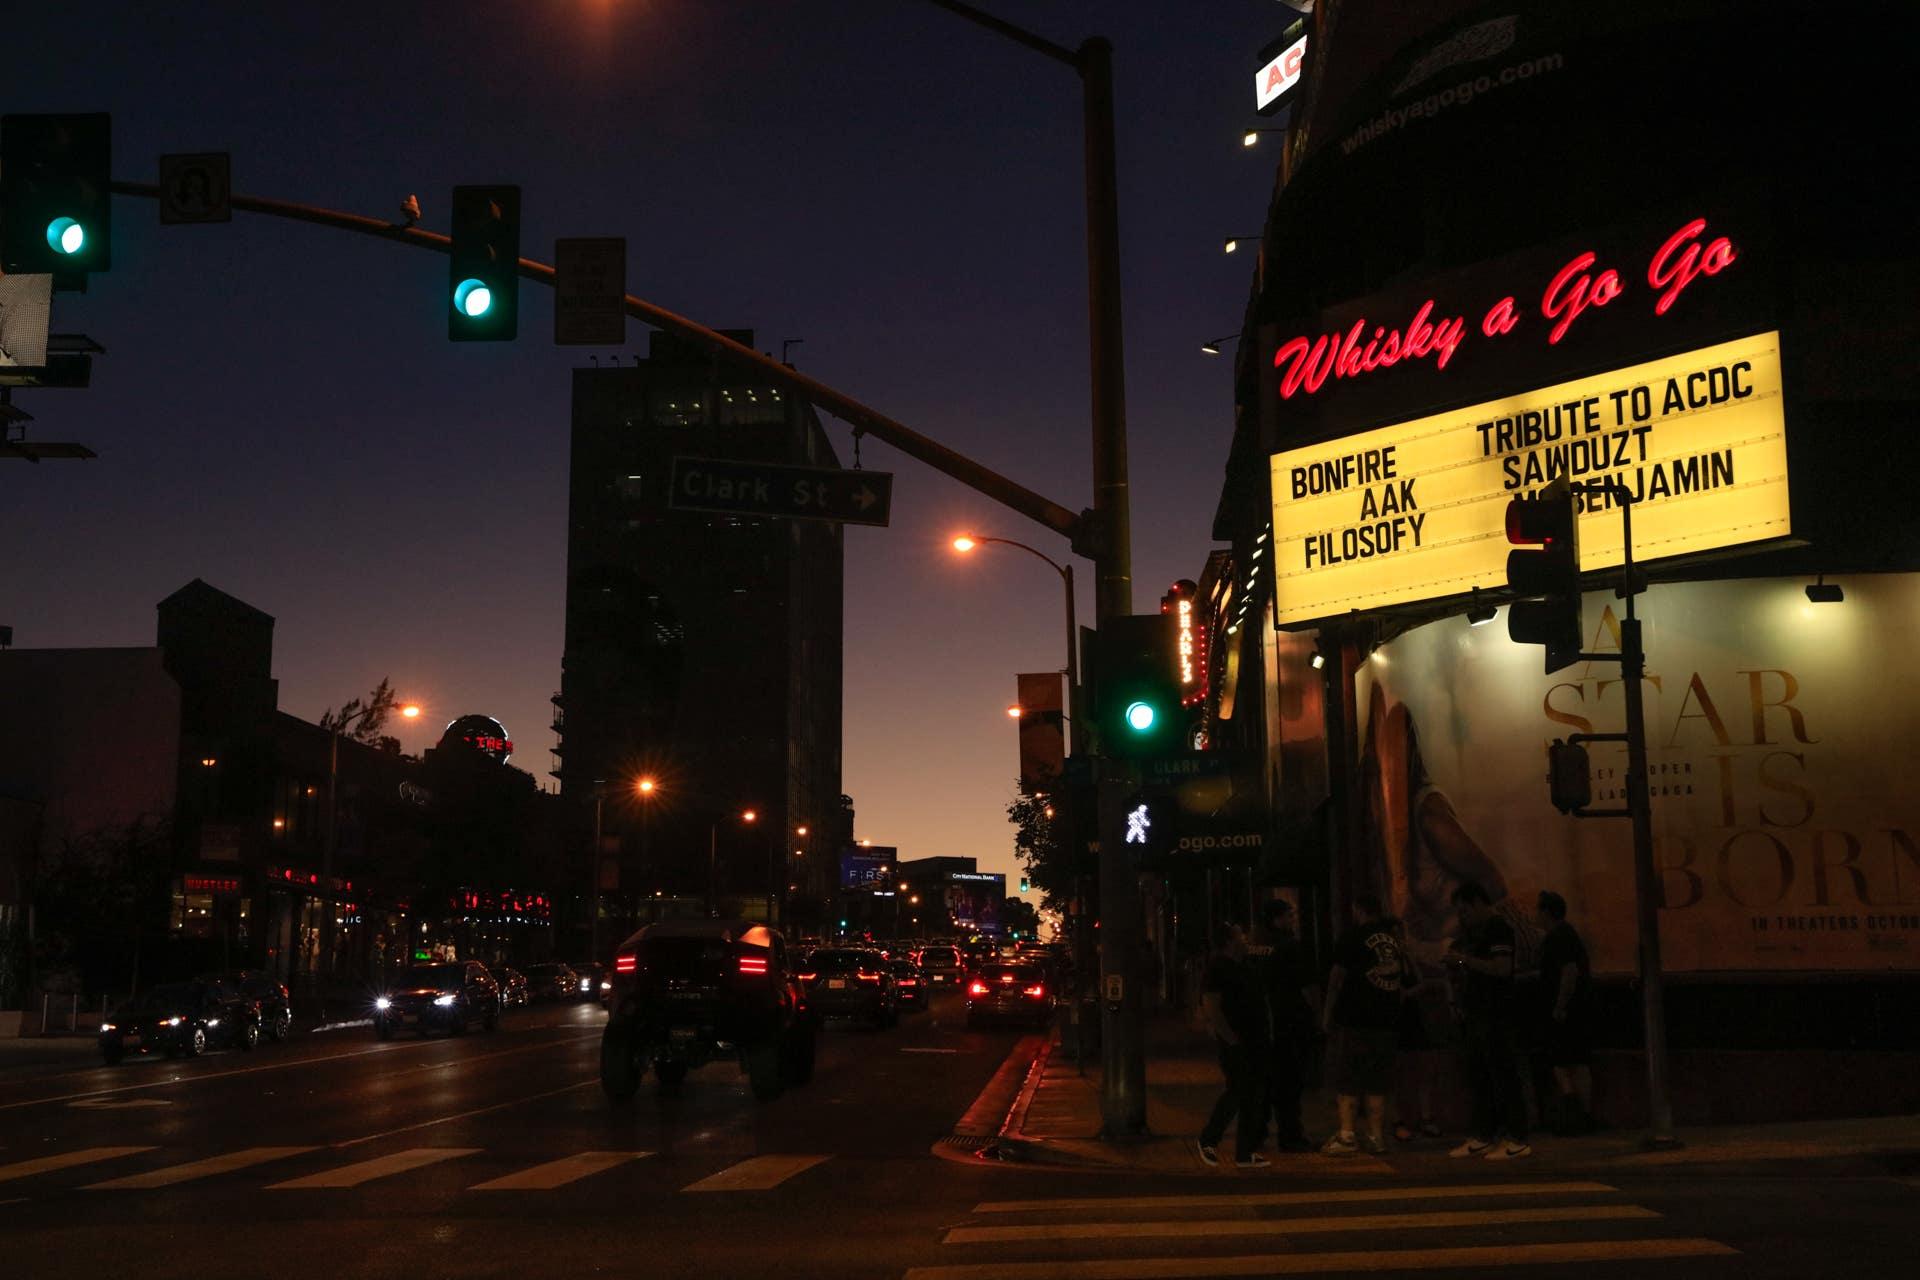 The Whisky A Go Go on the Sunset Strip